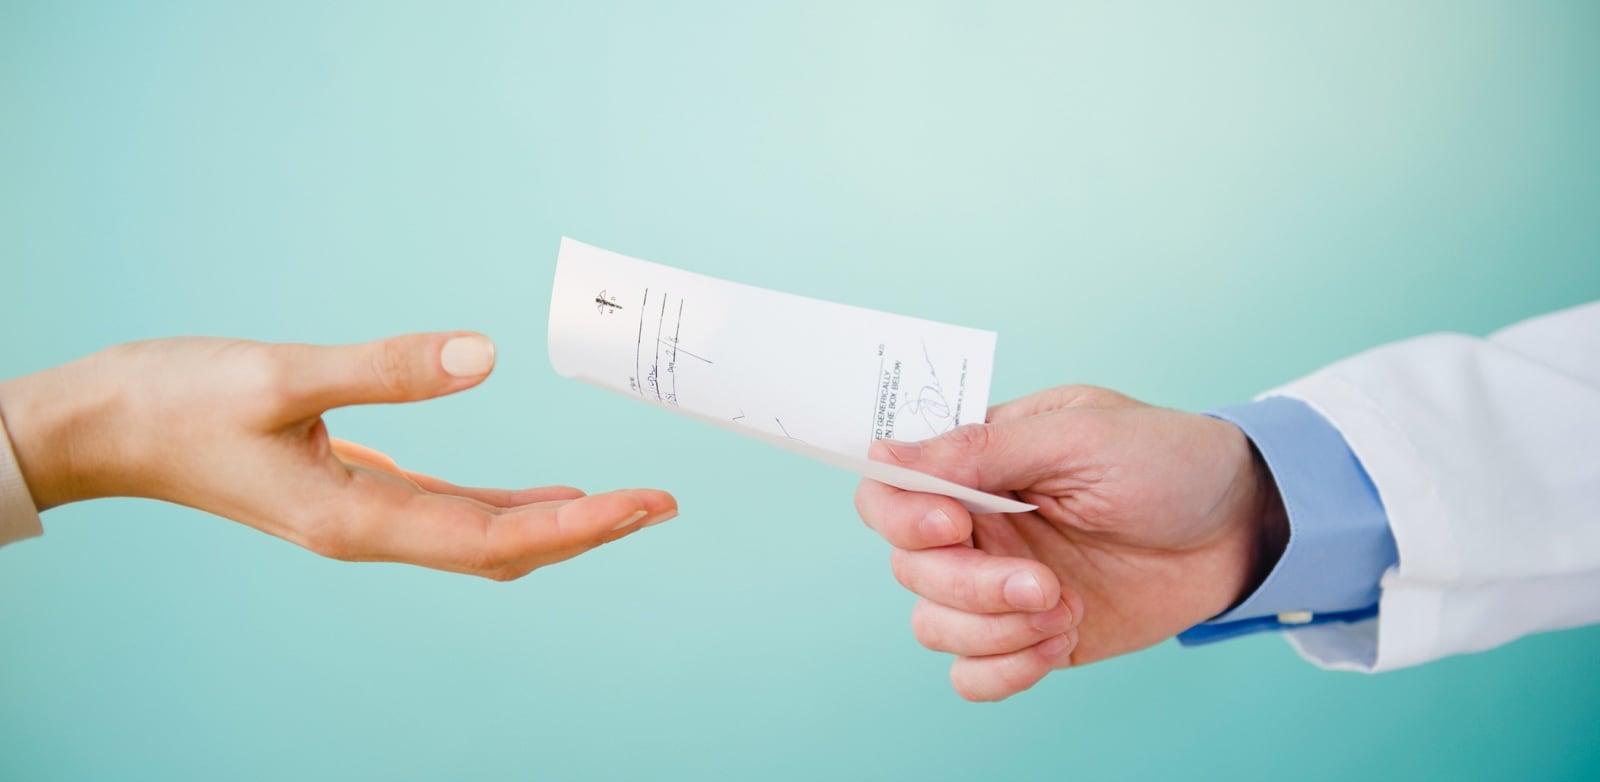 How long do contact lens prescriptions last?